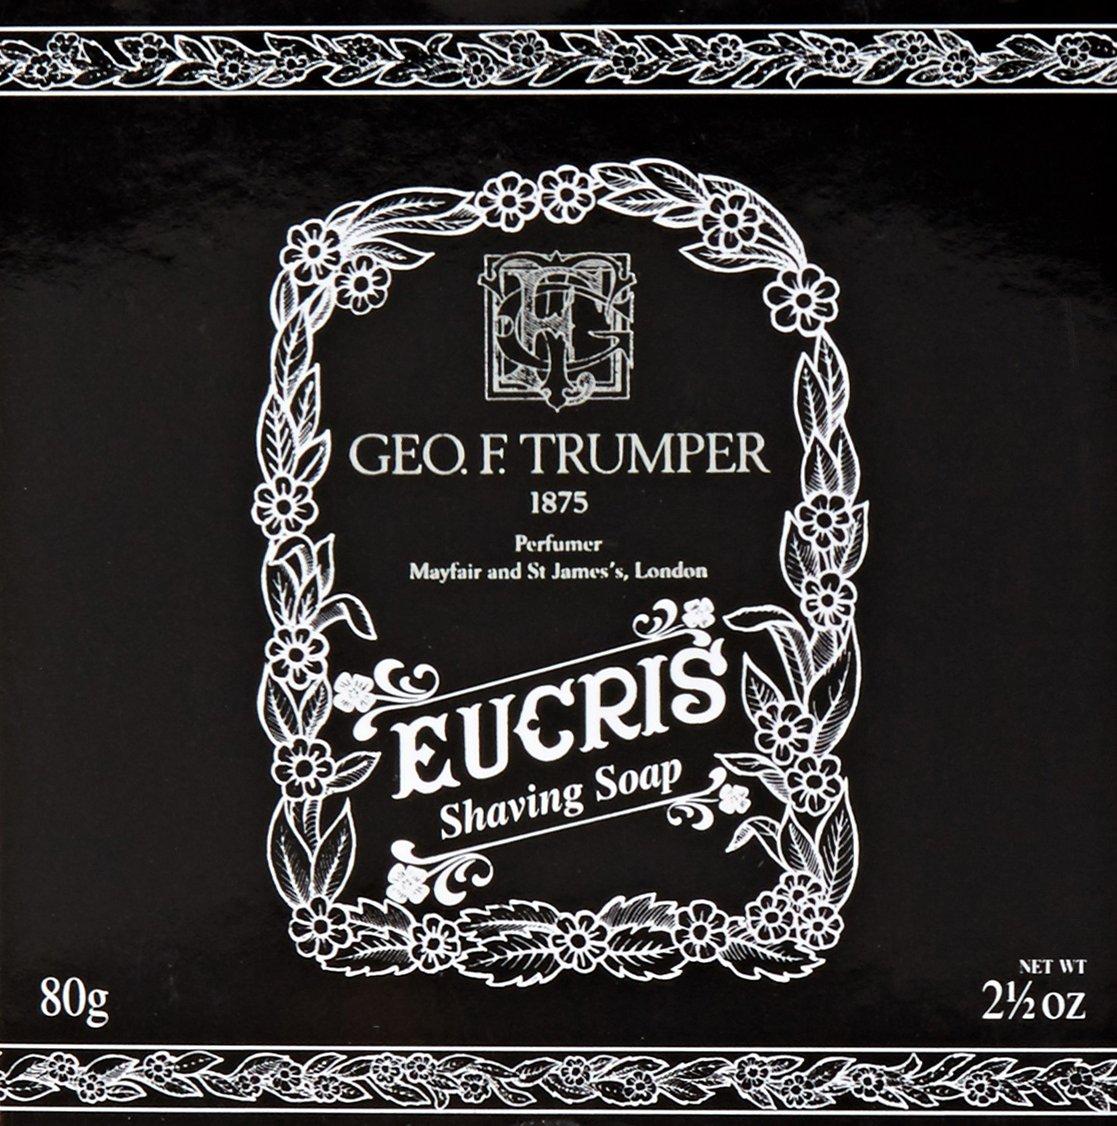 Geo F. Trumper Eucris Hard Shaving Soap Refill 80g